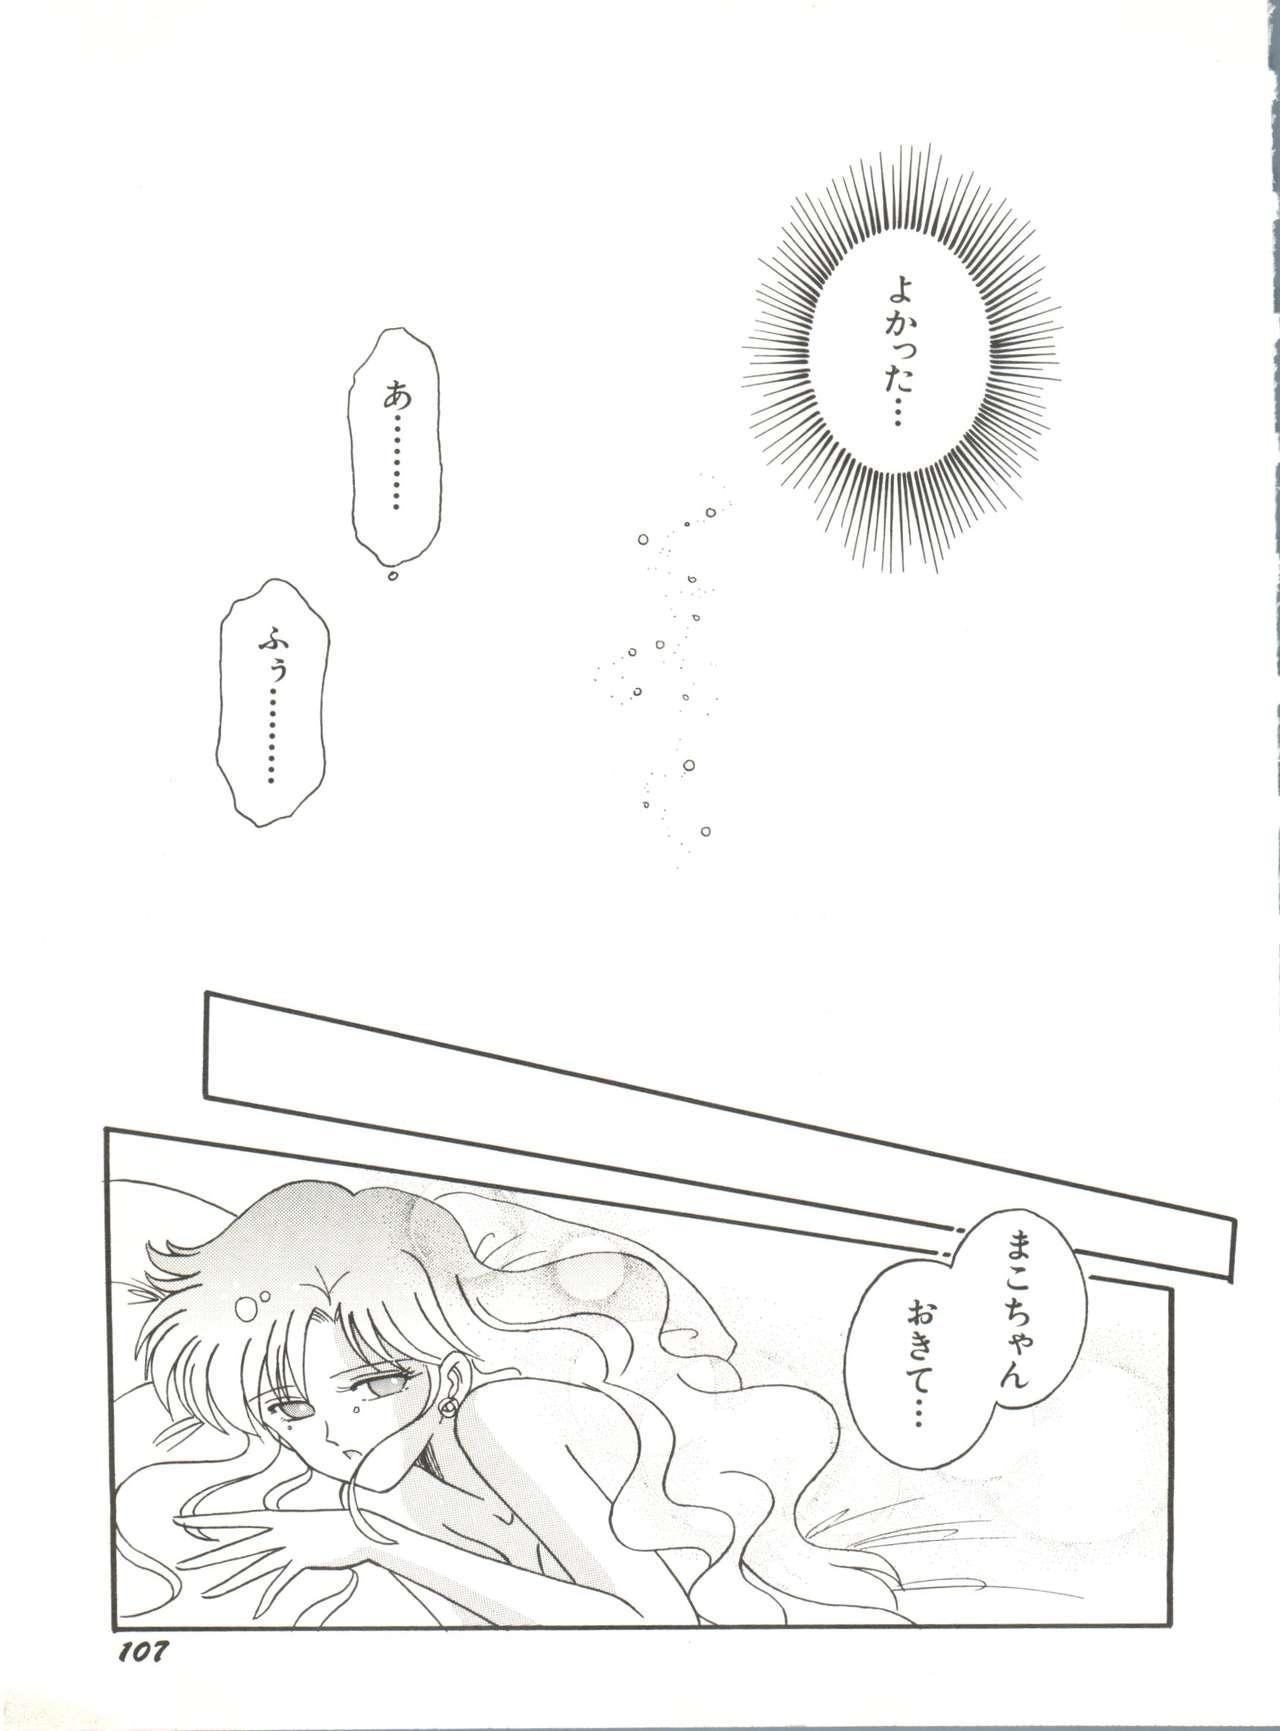 Bishoujo Doujinshi Anthology 12 - Moon Paradise 7 Tsuki no Rakuen 111